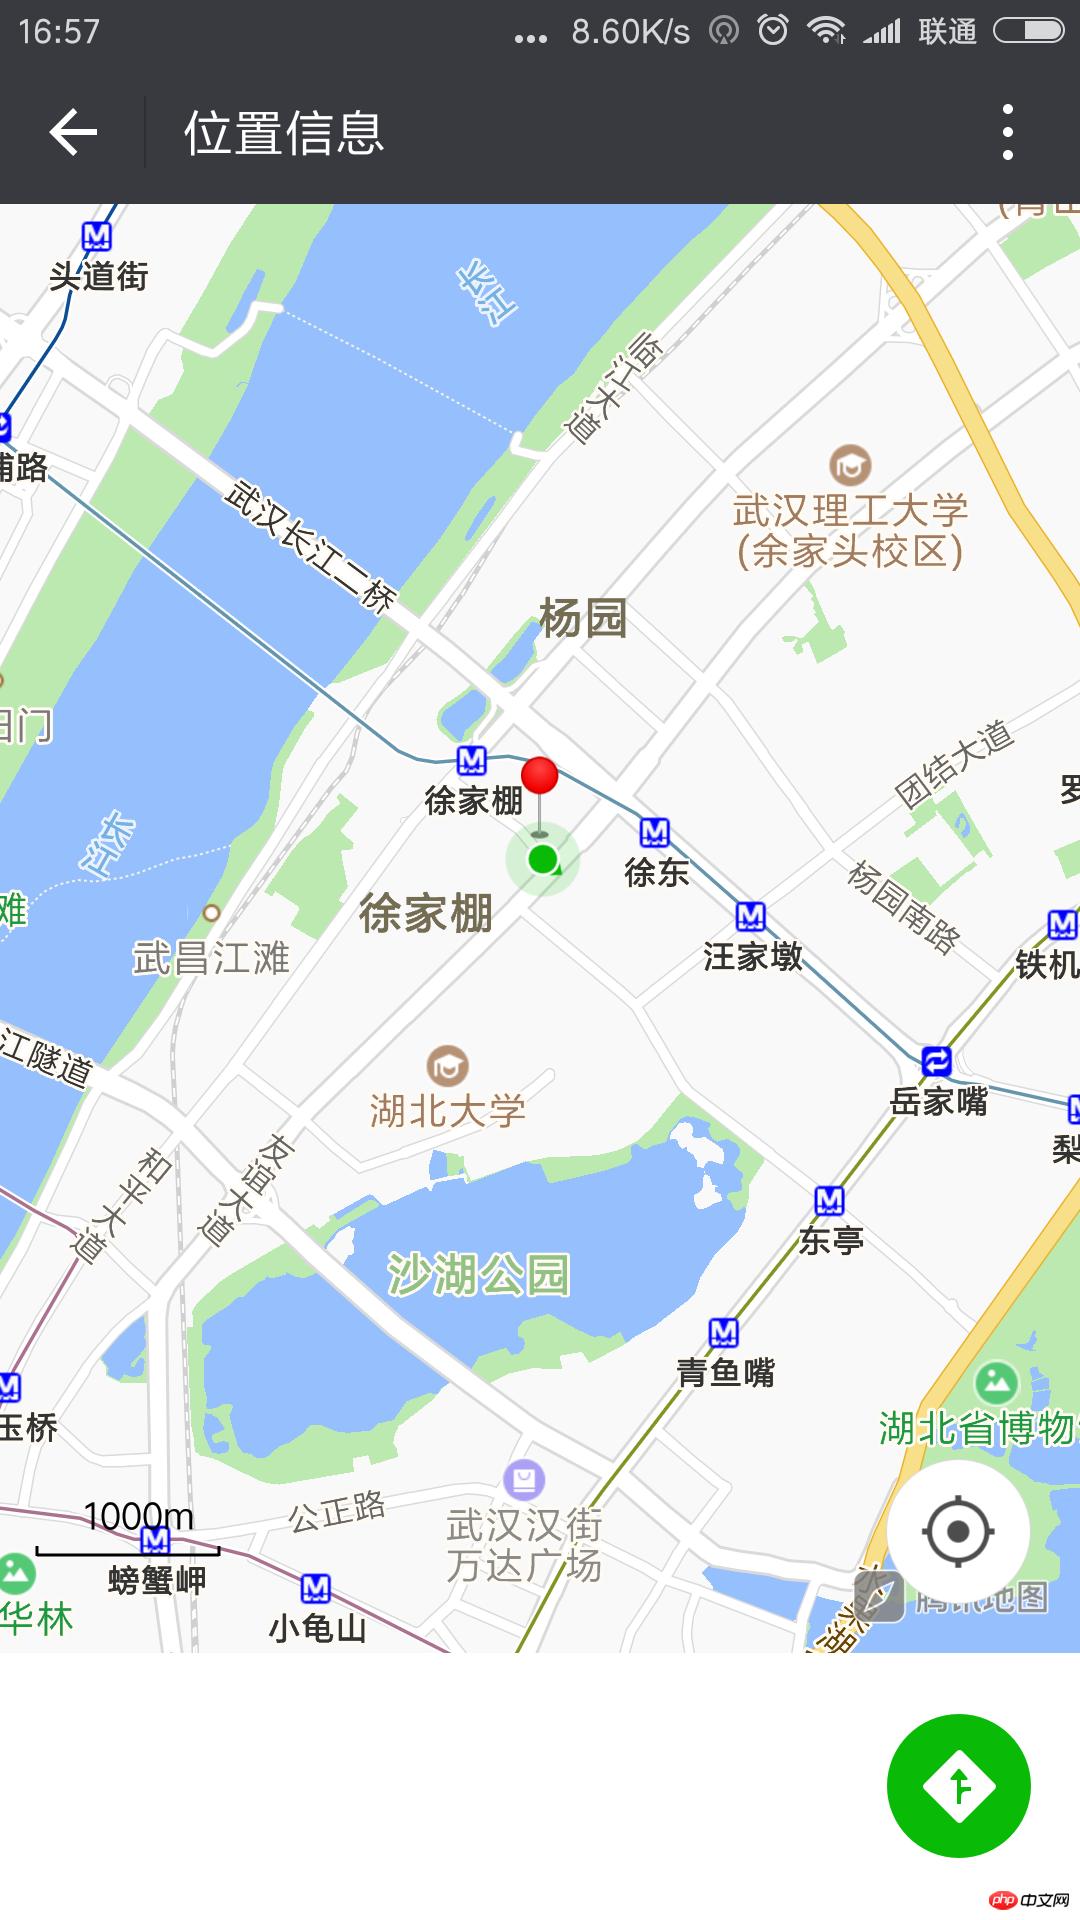 Screenshot_2018-06-08-16-57-38-232_com.tencent.mm.png